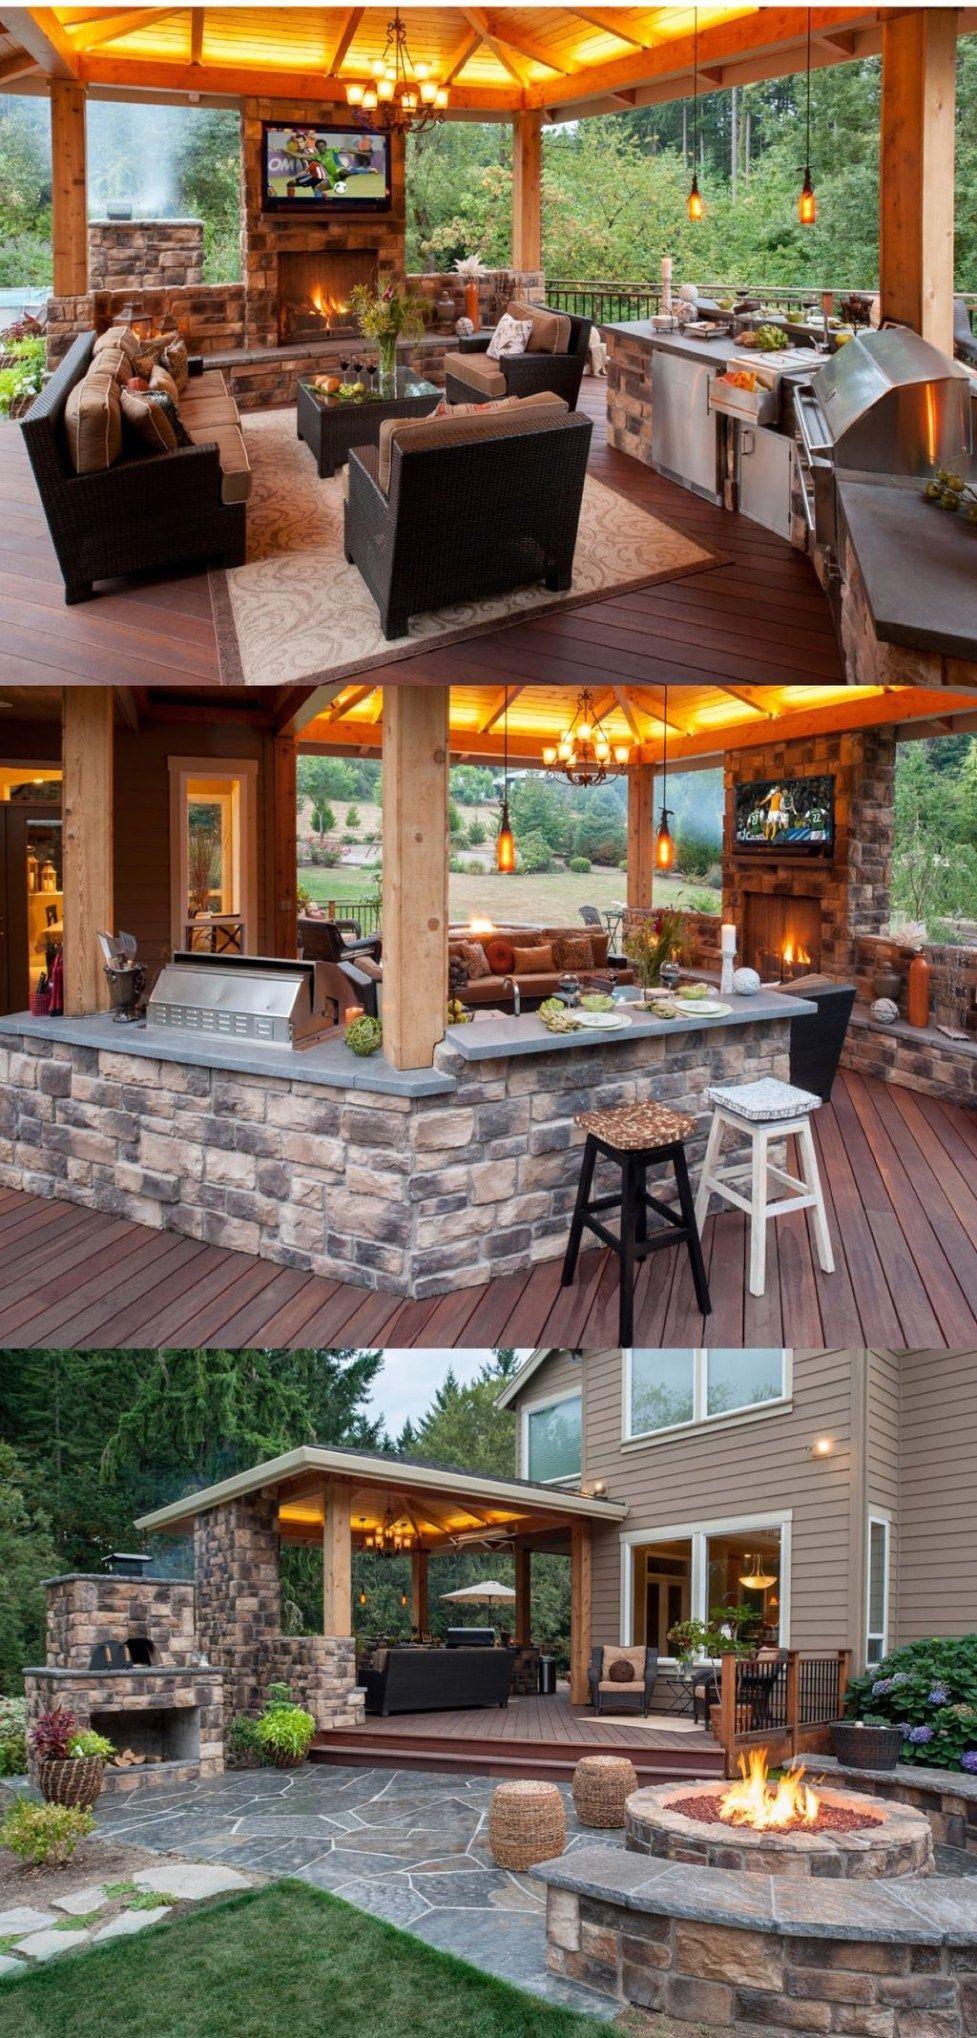 Modern Outdoor Kitchen Design Ideas 45 Modern Outdoor Kitchen Outdoor Kitchen Design Backyard Patio Designs